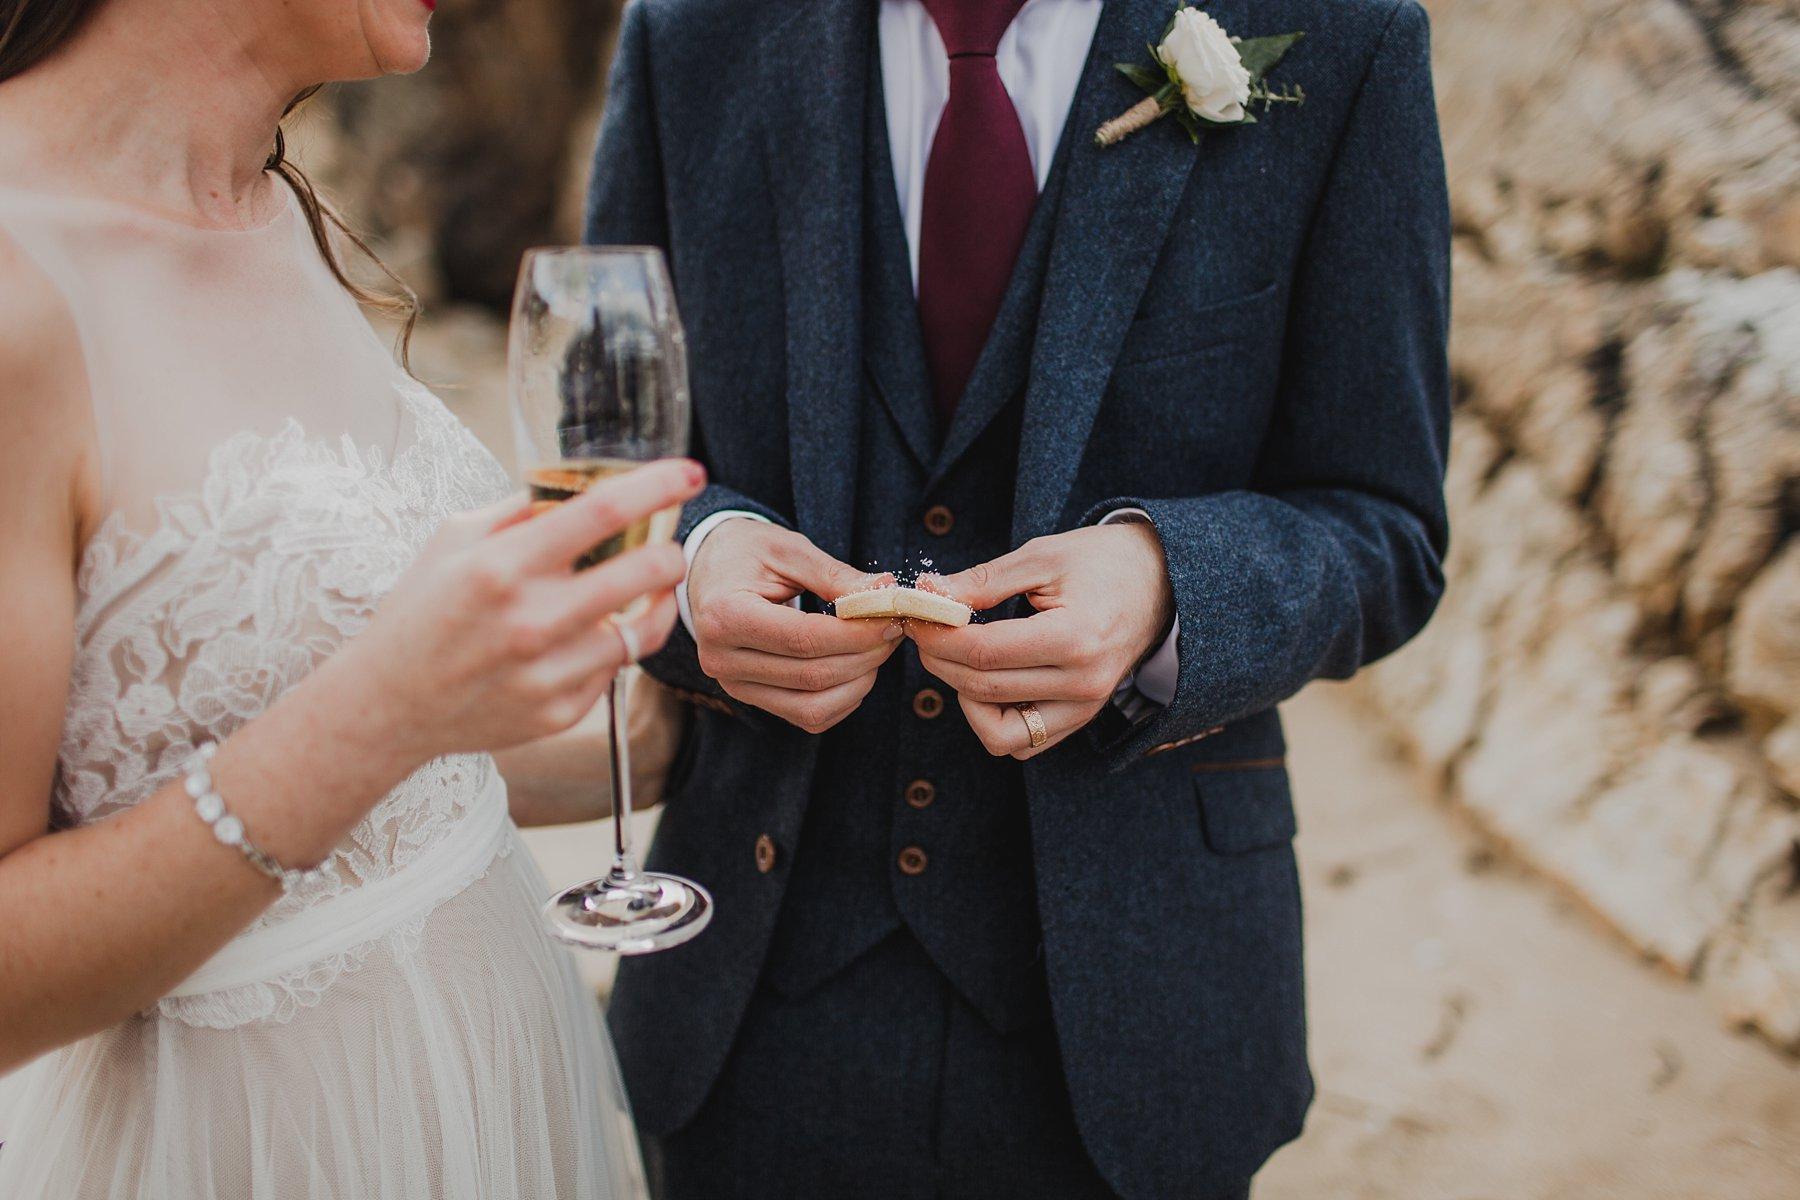 hornhead_donegak_elopement_weddings_0057